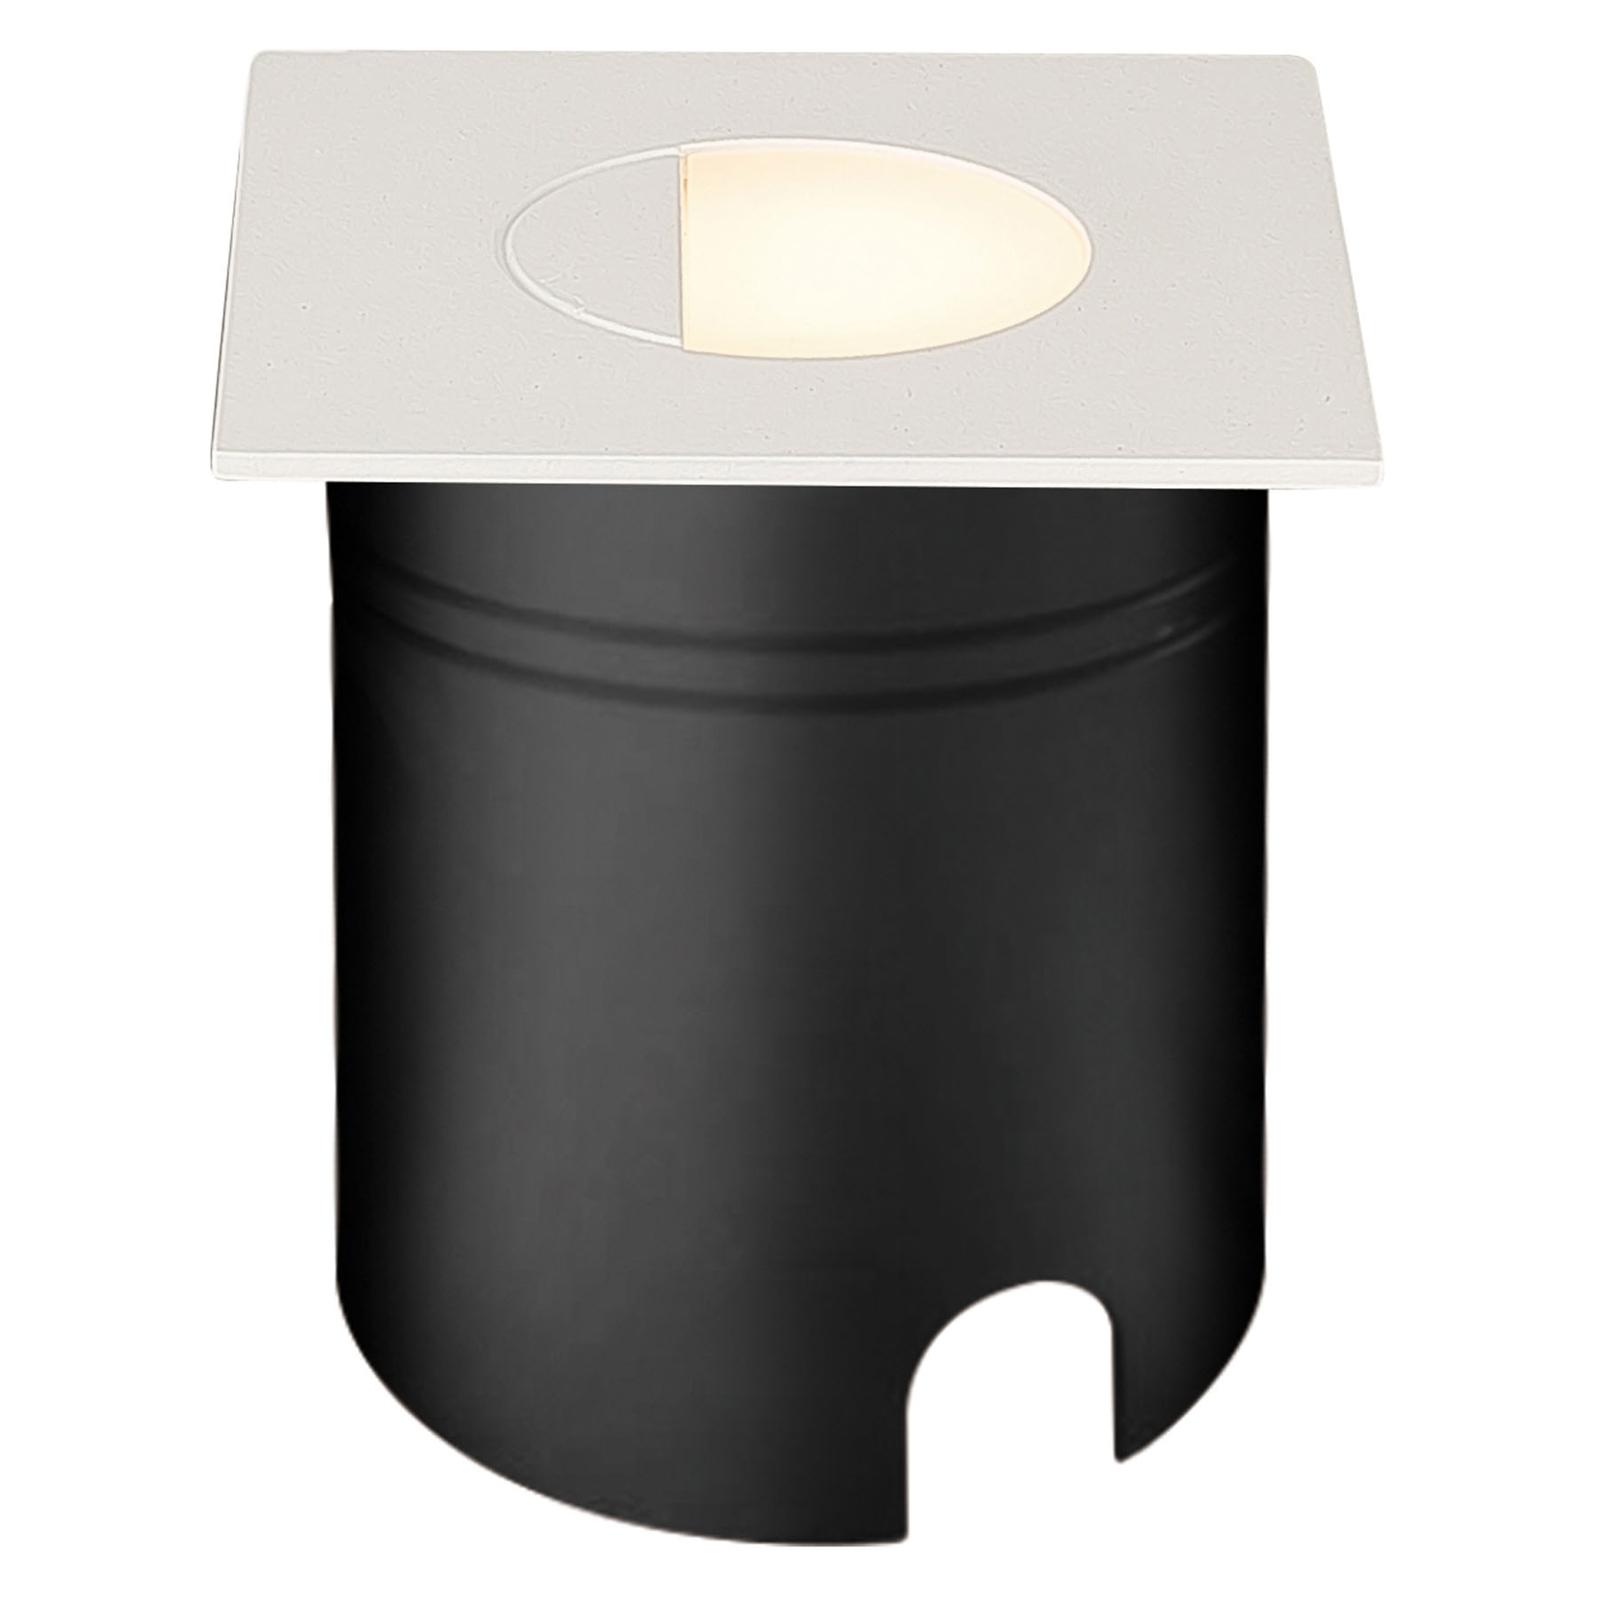 Faretto LED incasso Aspen, diffus. angolare bianco